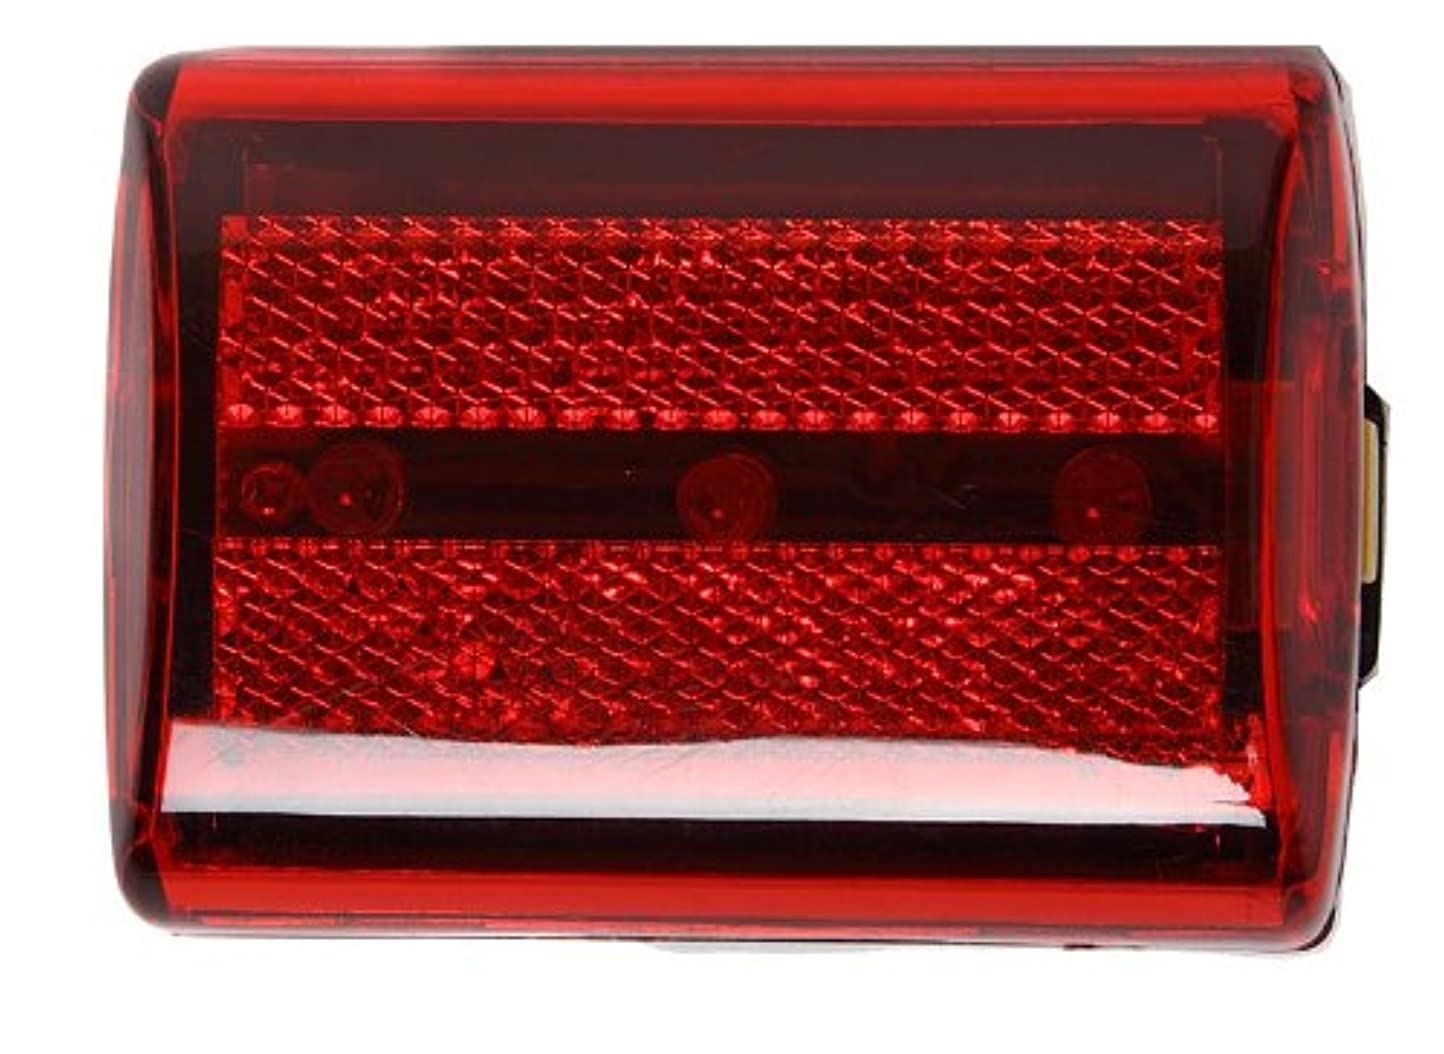 天フラスコソーダ水SE - Safety Light - Flasher, Rectangular, Red, 3-in-1 - FL20R by SE